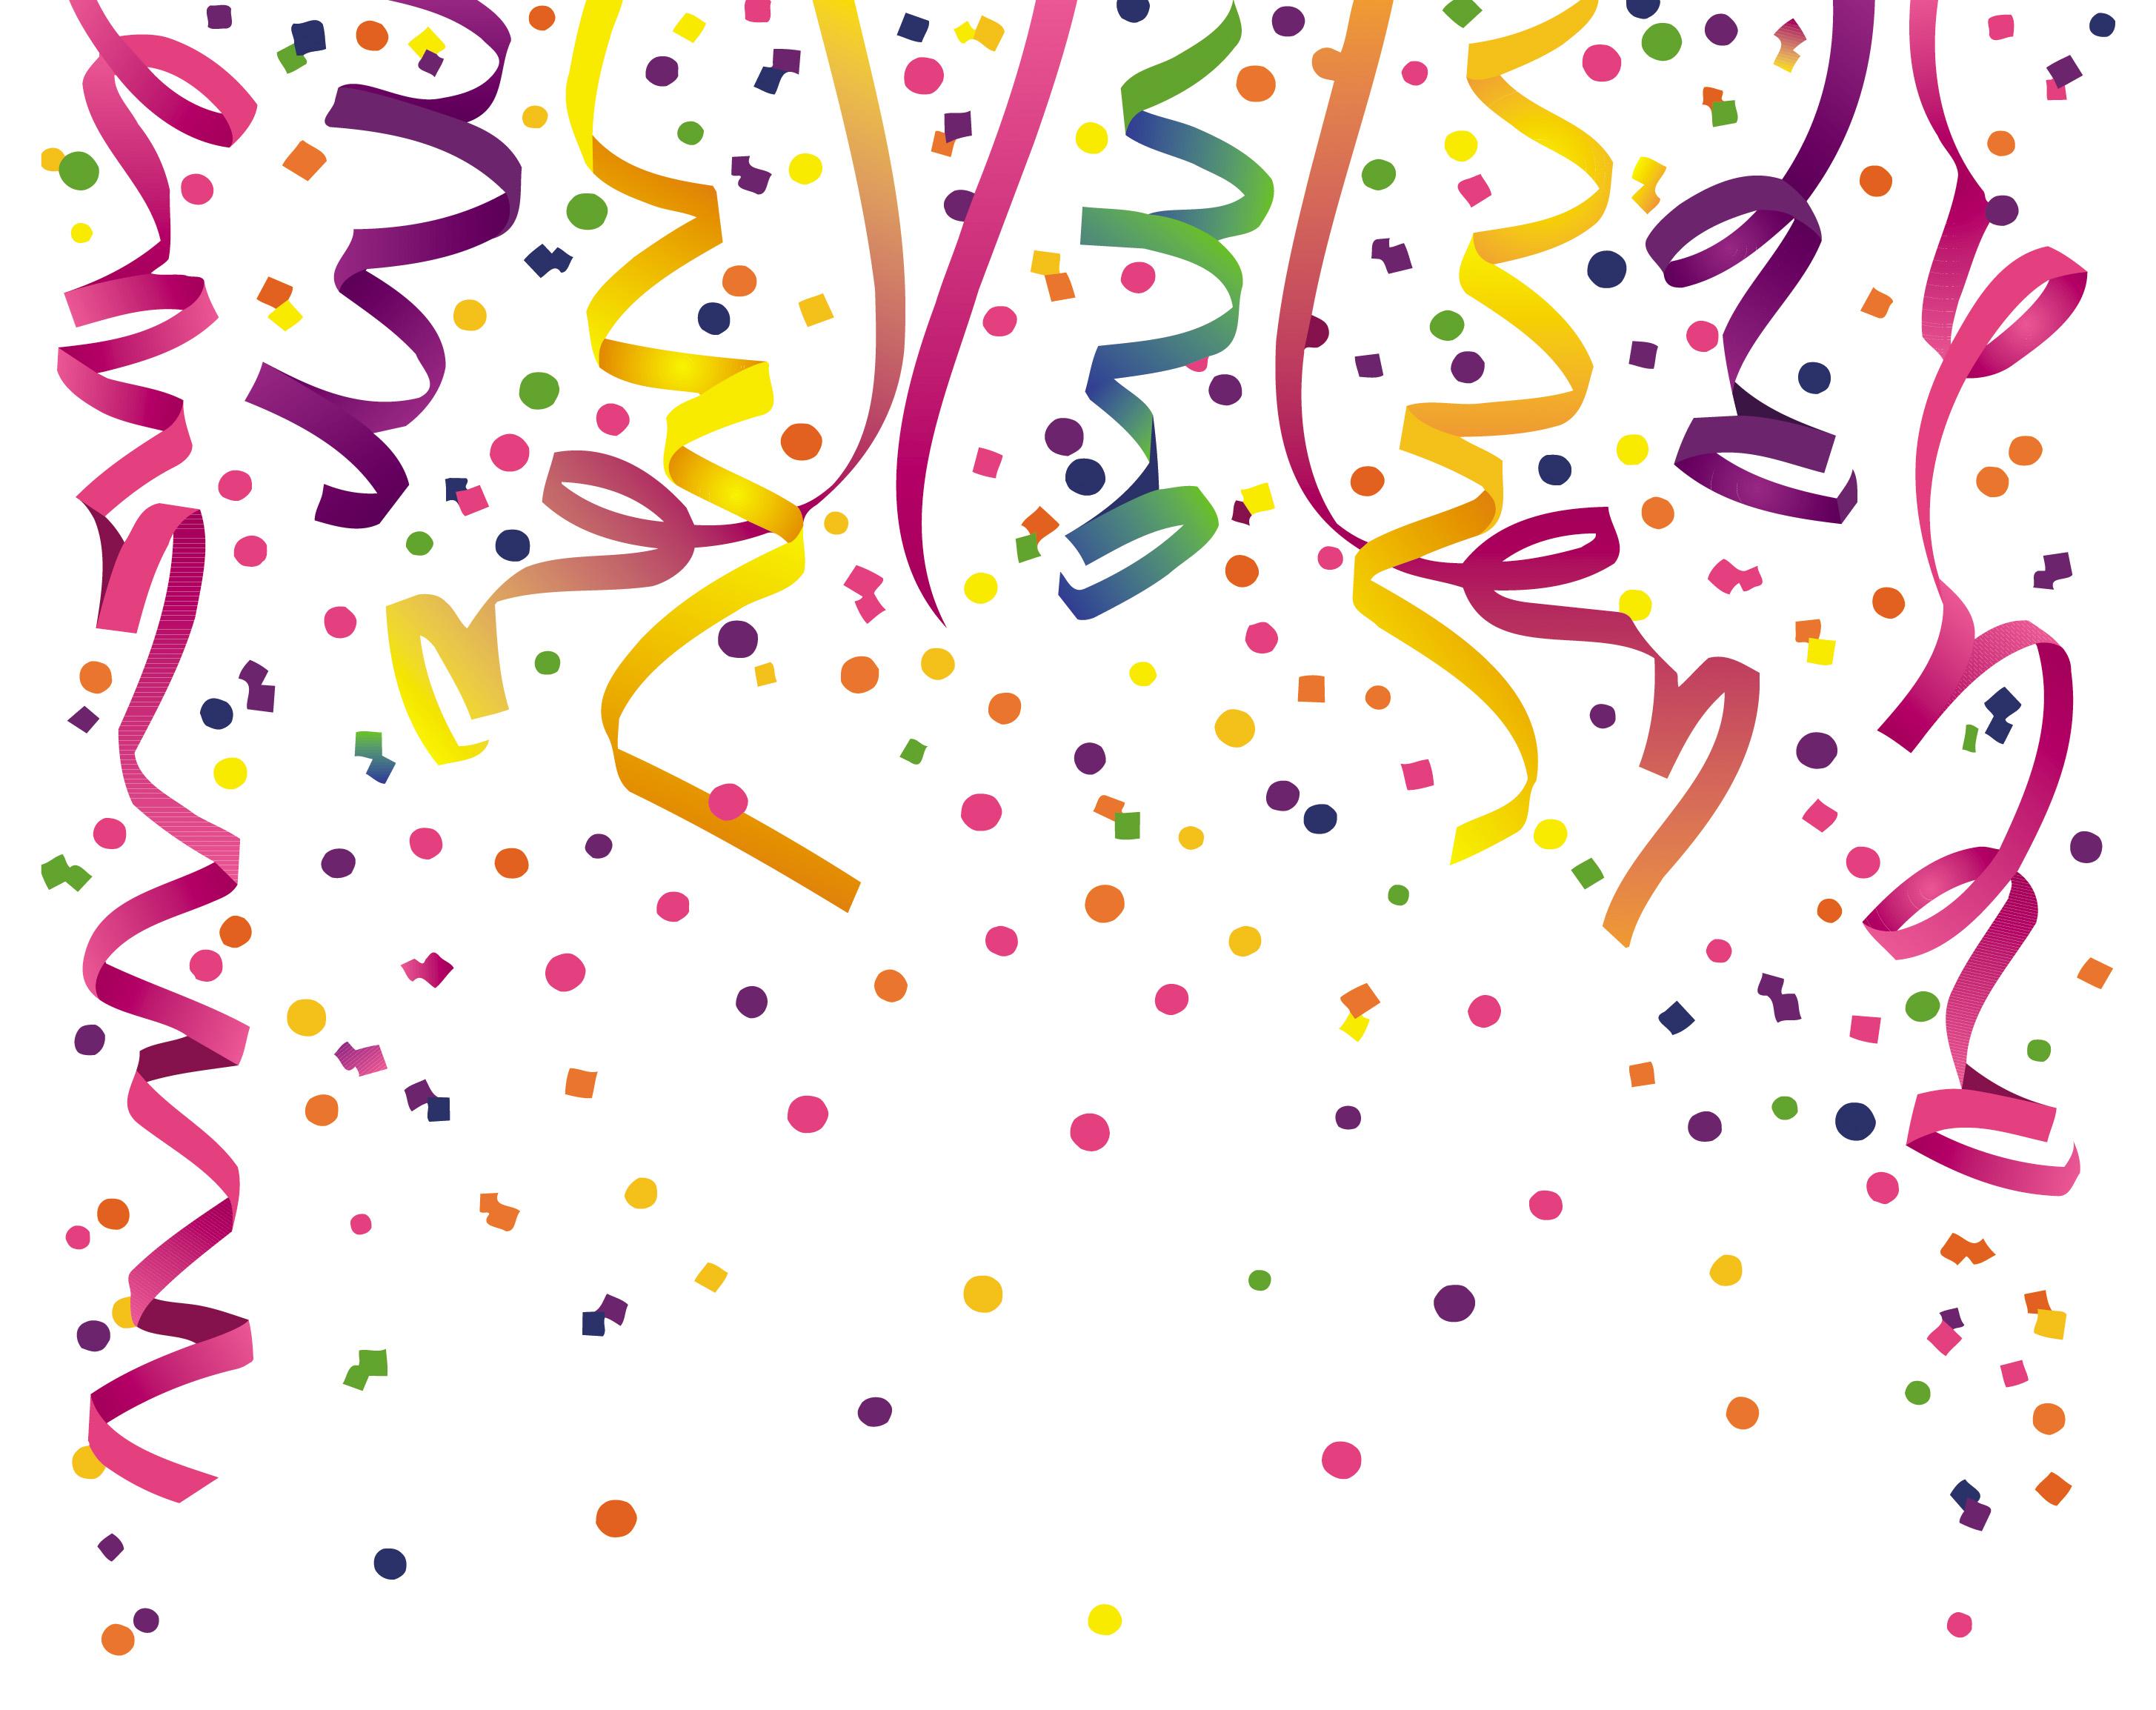 Confetti clipart clipart kid-Confetti clipart clipart kid-2